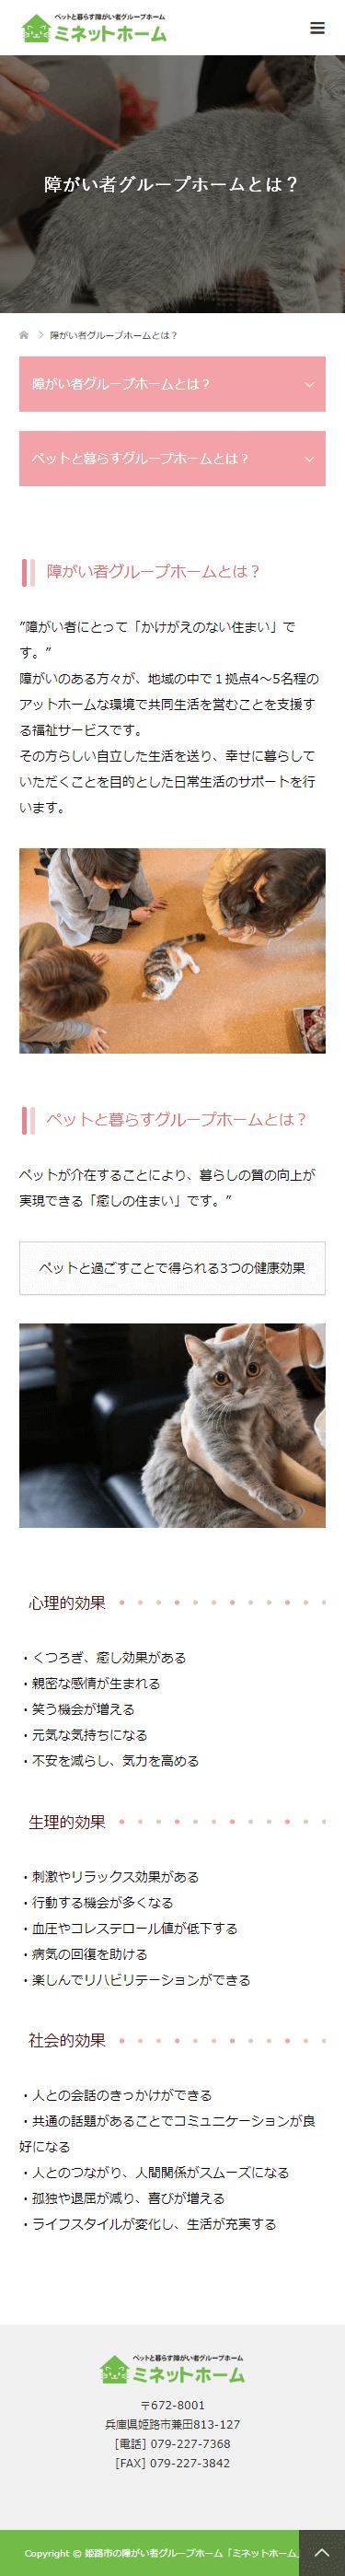 姫路市 ミネットホーム ホームページ制作4